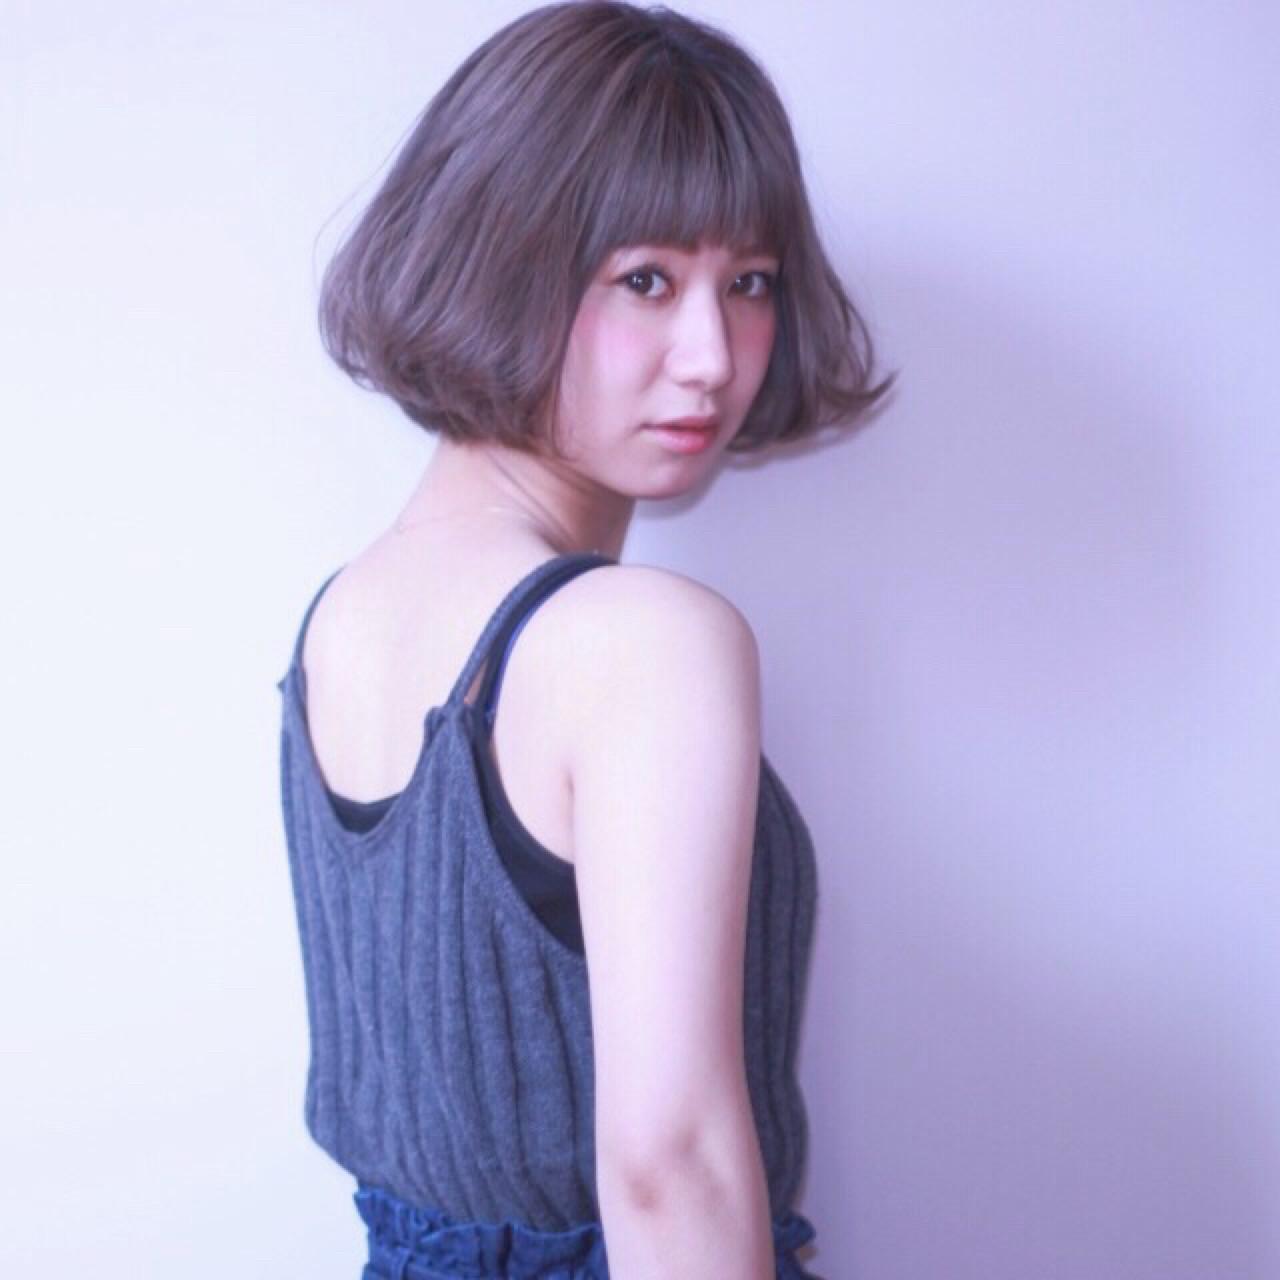 色気 ボブ モード ニュアンス ヘアスタイルや髪型の写真・画像